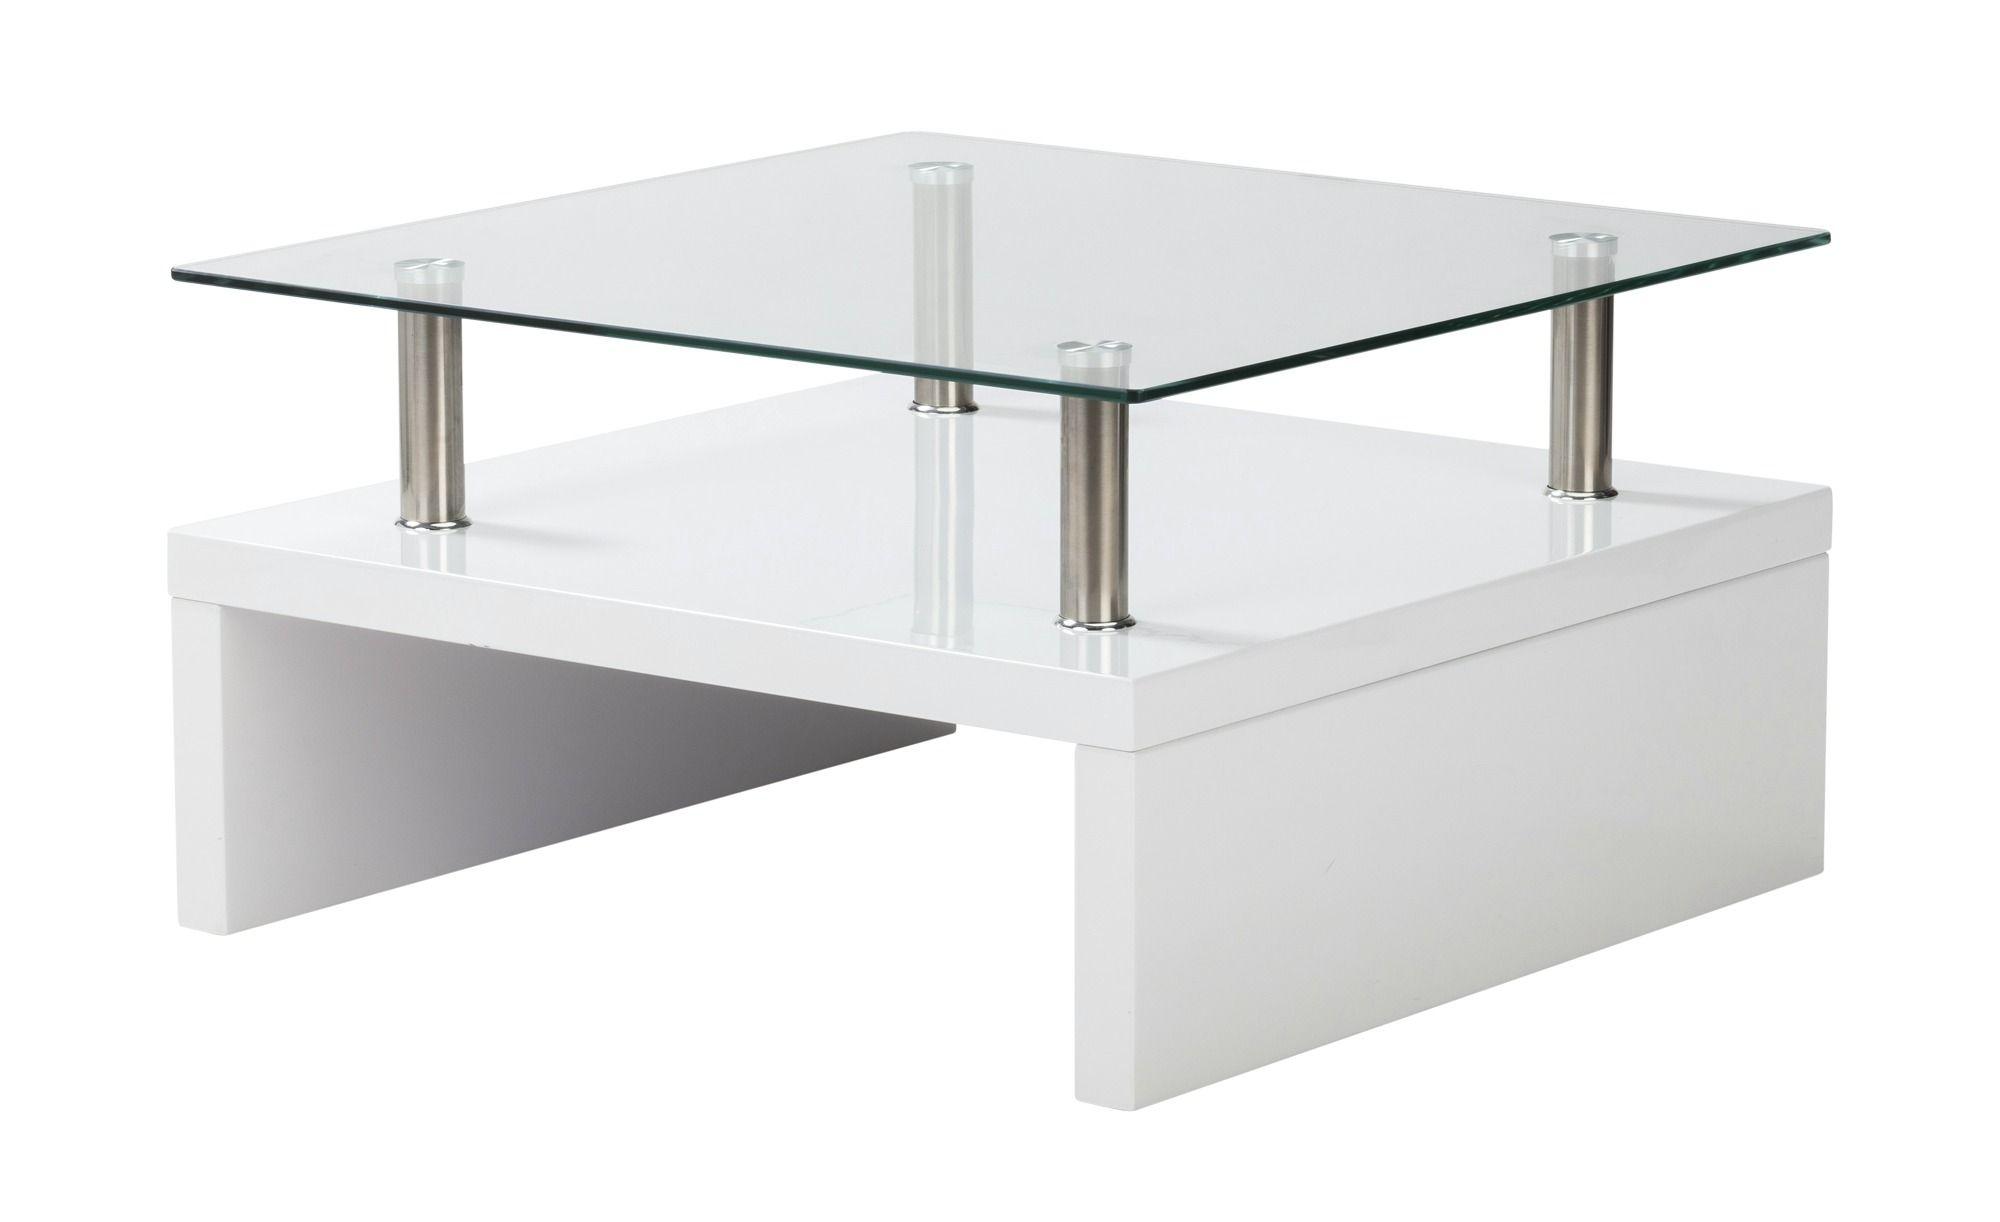 Couchtisch Weiss Metall Glas Spargi Gefunden Bei Mobel Hoffner Couchtisch Weiss Couchtisch Und Tisch